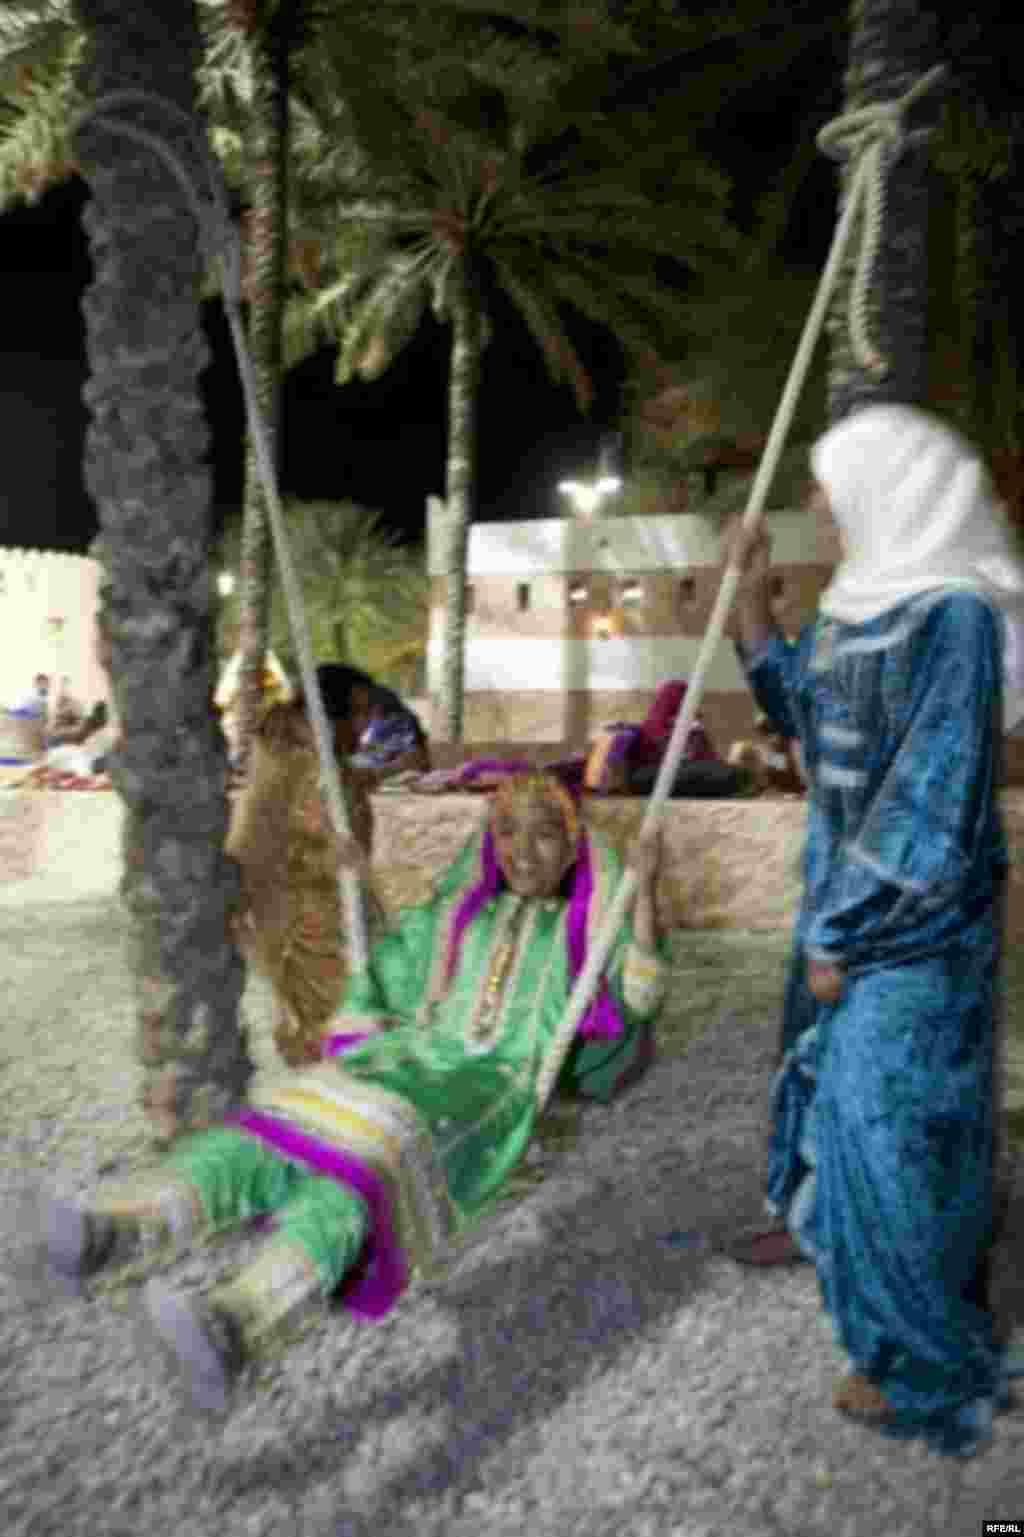 Омандагы фестивалдан дубай салам, 14.2.11/JCH #8